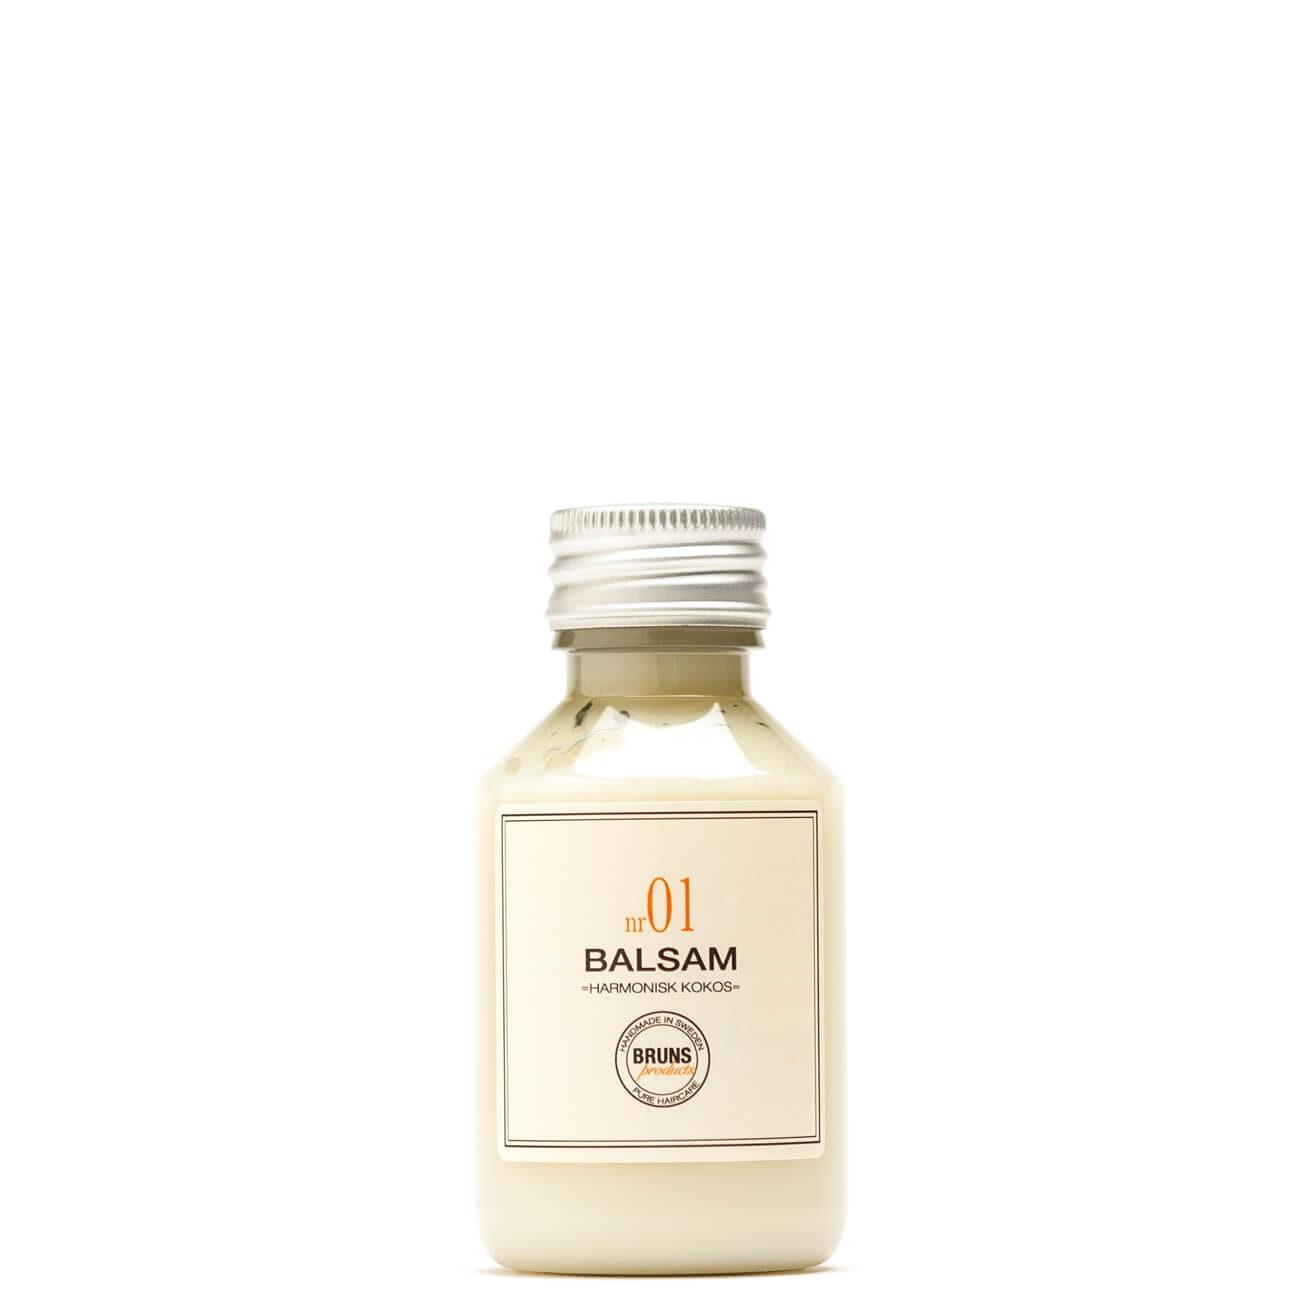 Bruns Products Balsam 01 Harmonisk Kokos 100ml - För torrt, normalt & tjockt hår samt balsammetoden